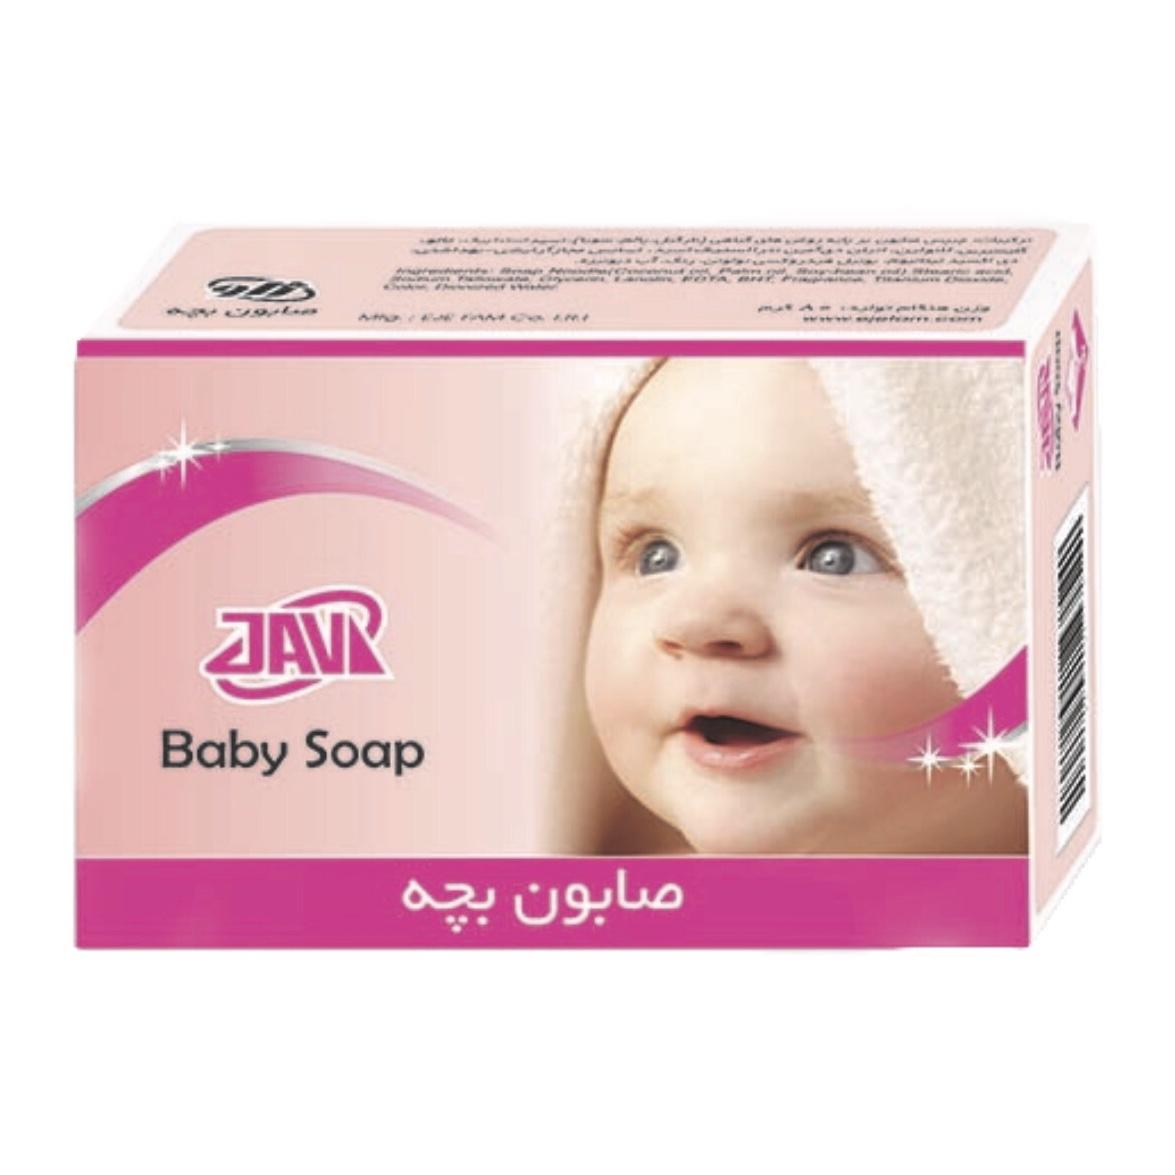 خرید                      صابون بچه ژاو کد ۱۱۲ وزن ۸۰ گرم